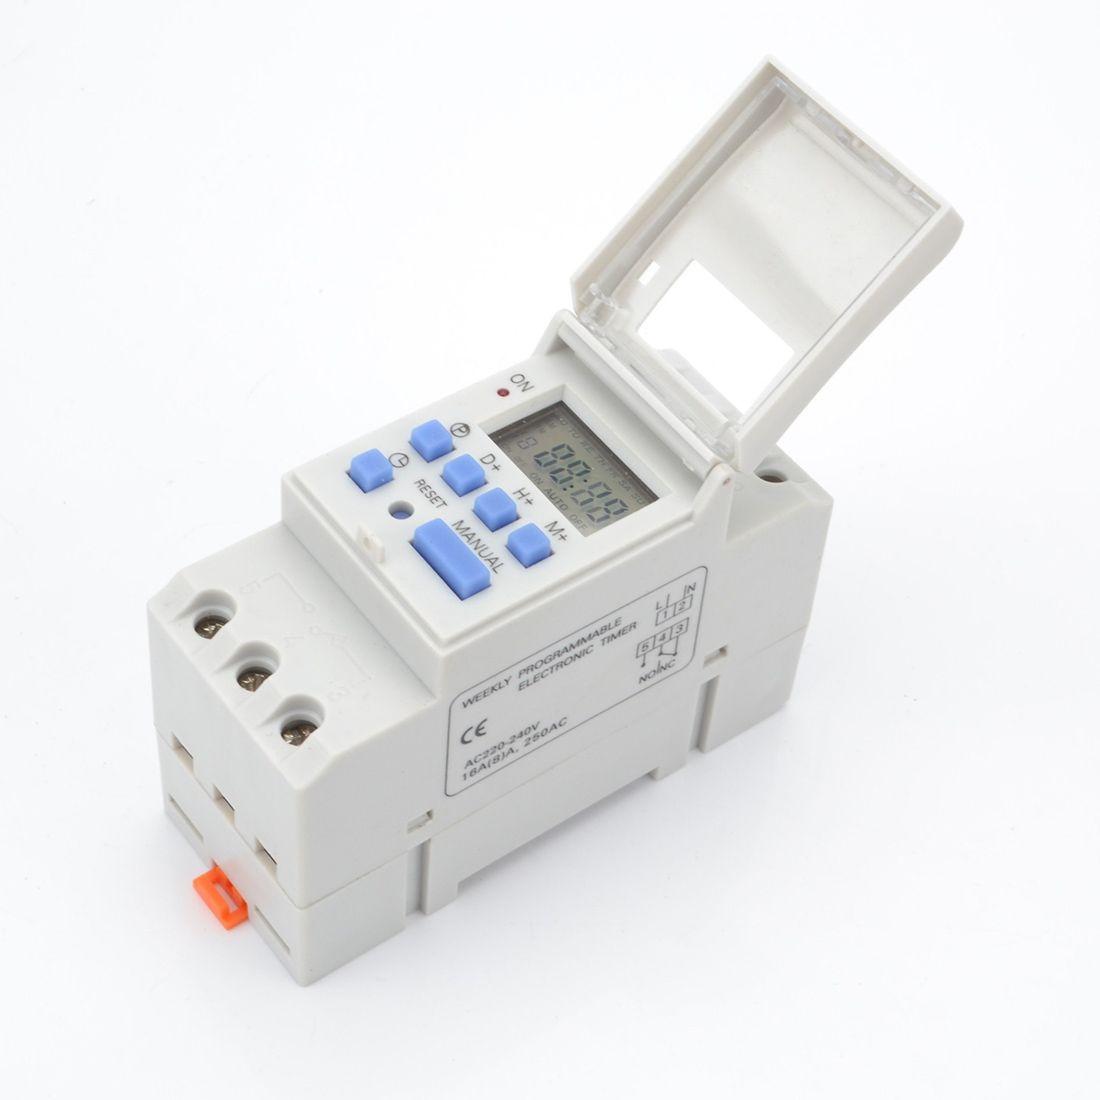 1pc minuterie Programmable numérique interrupteur ca 220 V/110 V DC 12V 16A Temporizador Din Rail minuterie interrupteur tout neuf et de haute qualité